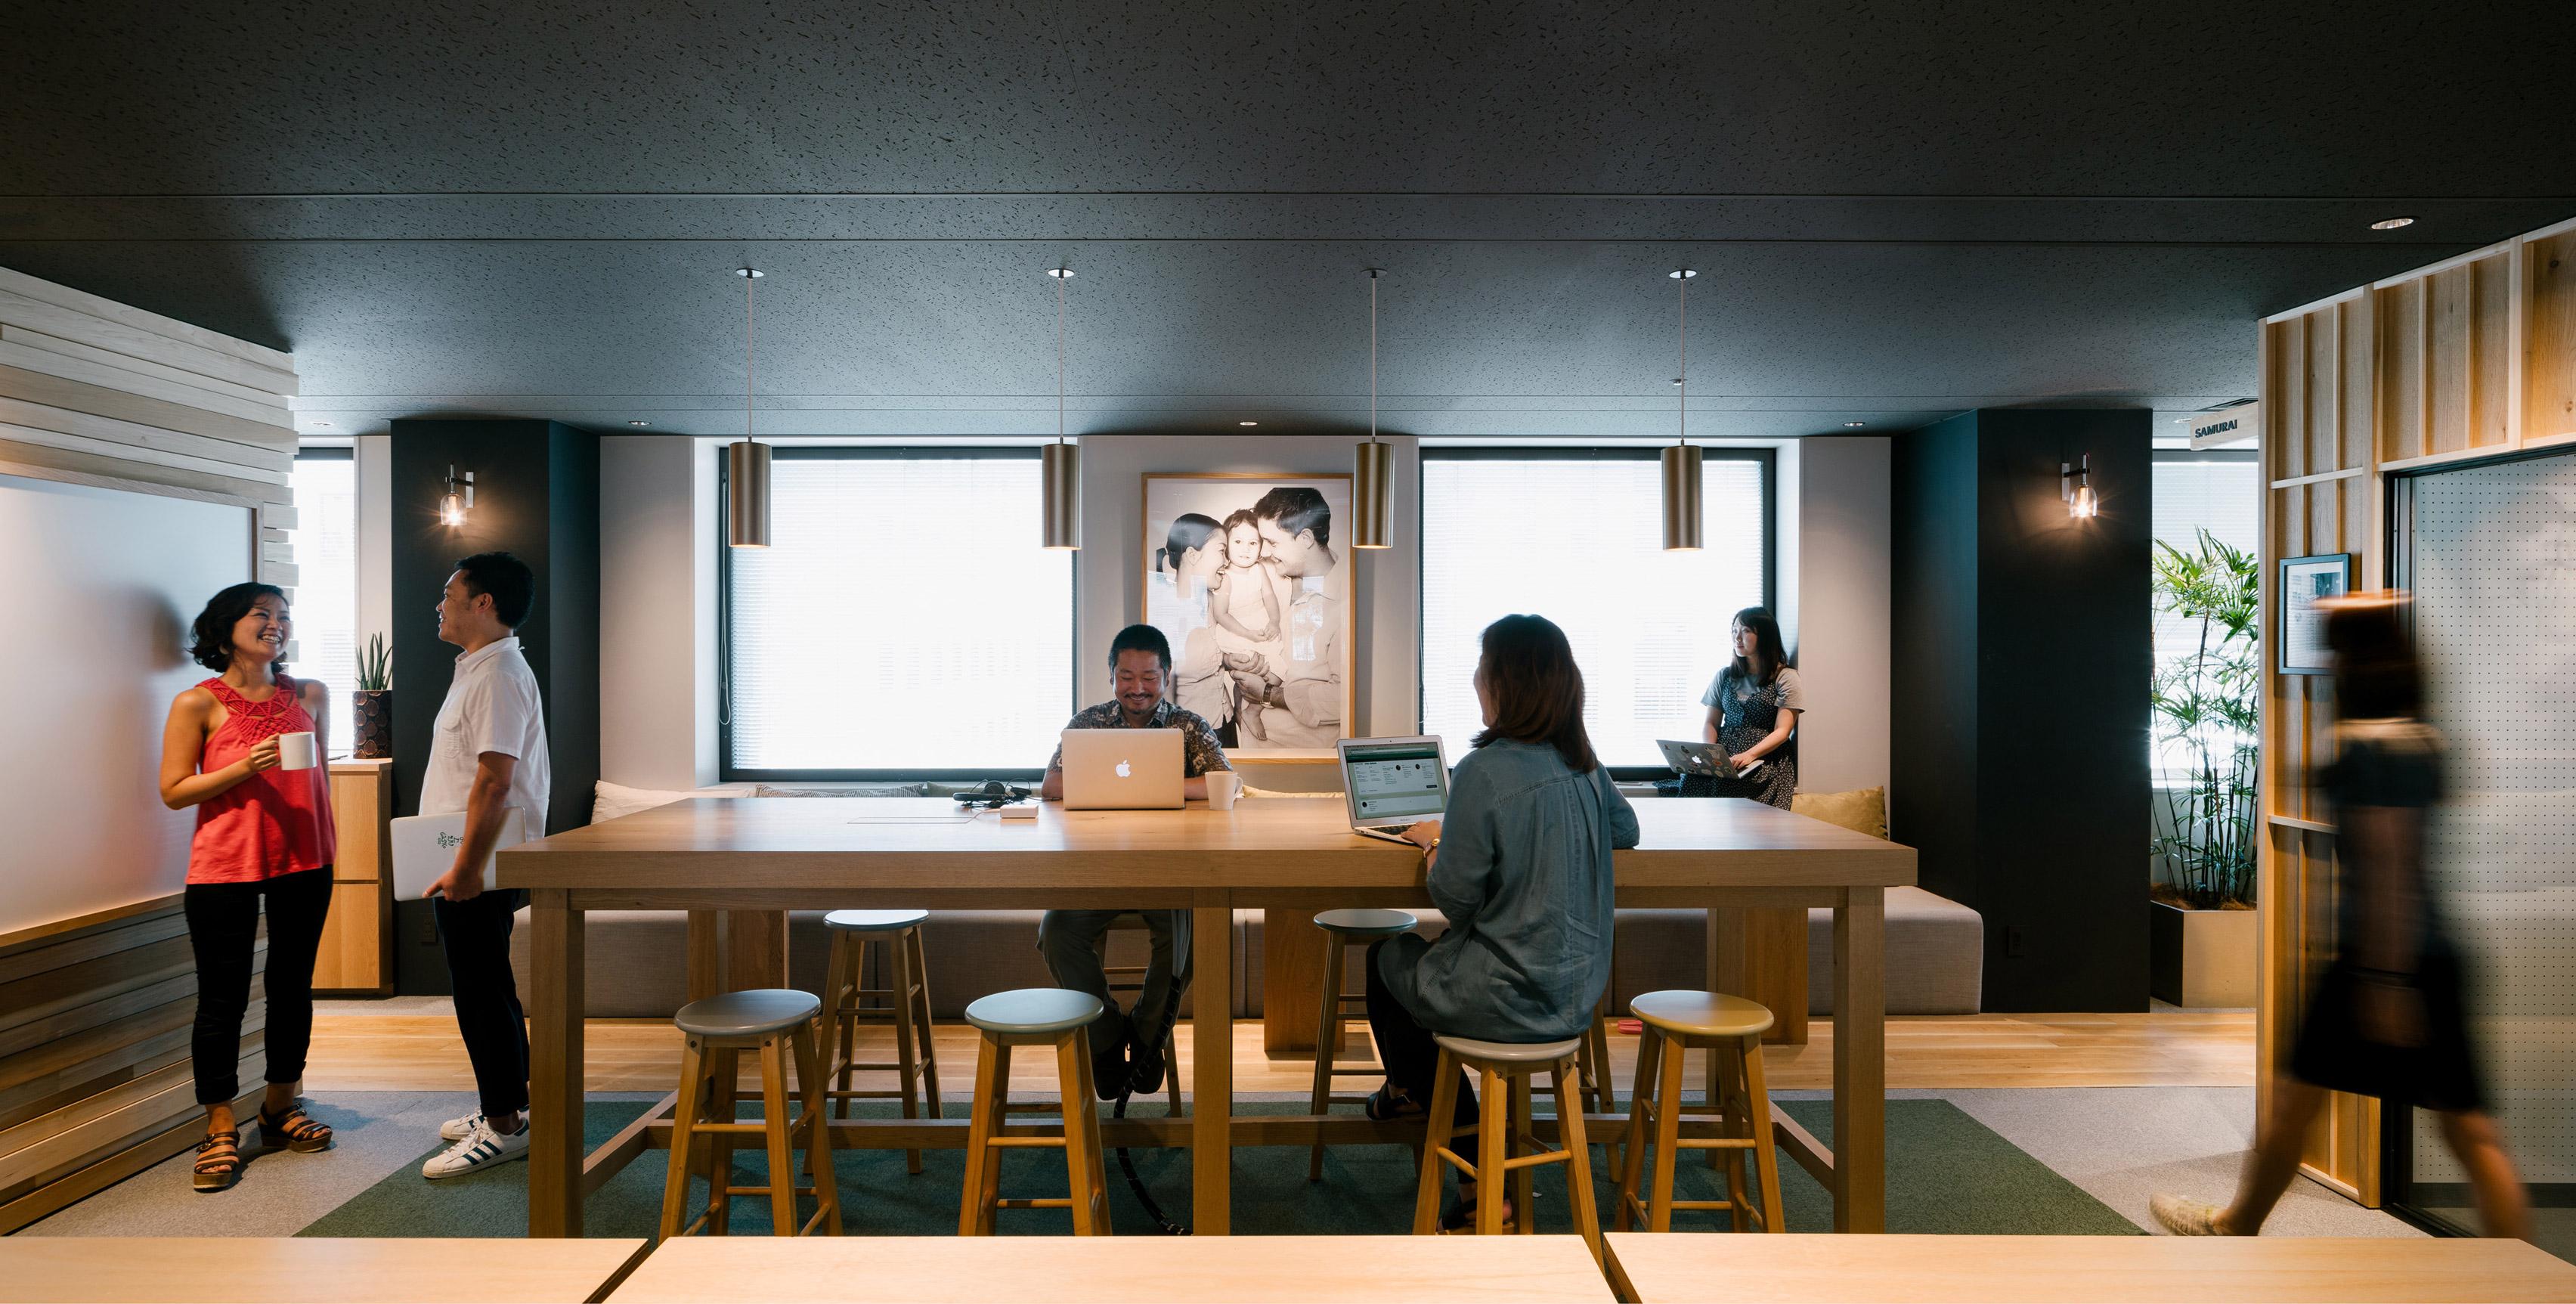 airbnb-tokyo-office-_dezeen_3408_8